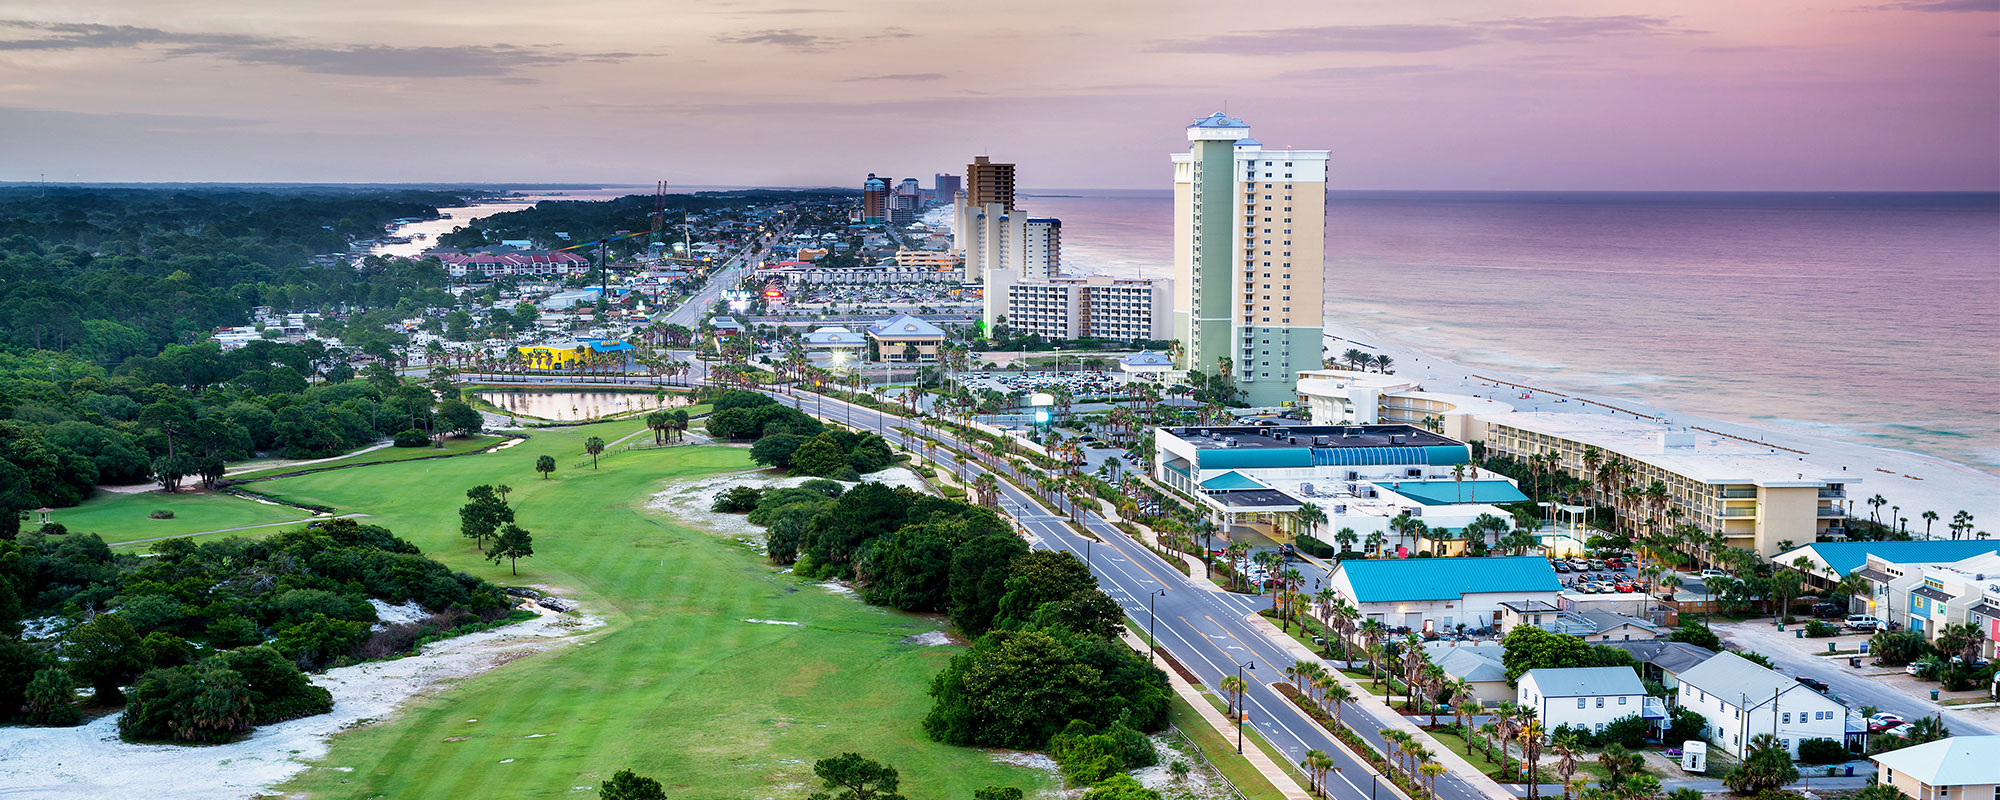 Panama City 1777269885.jpg